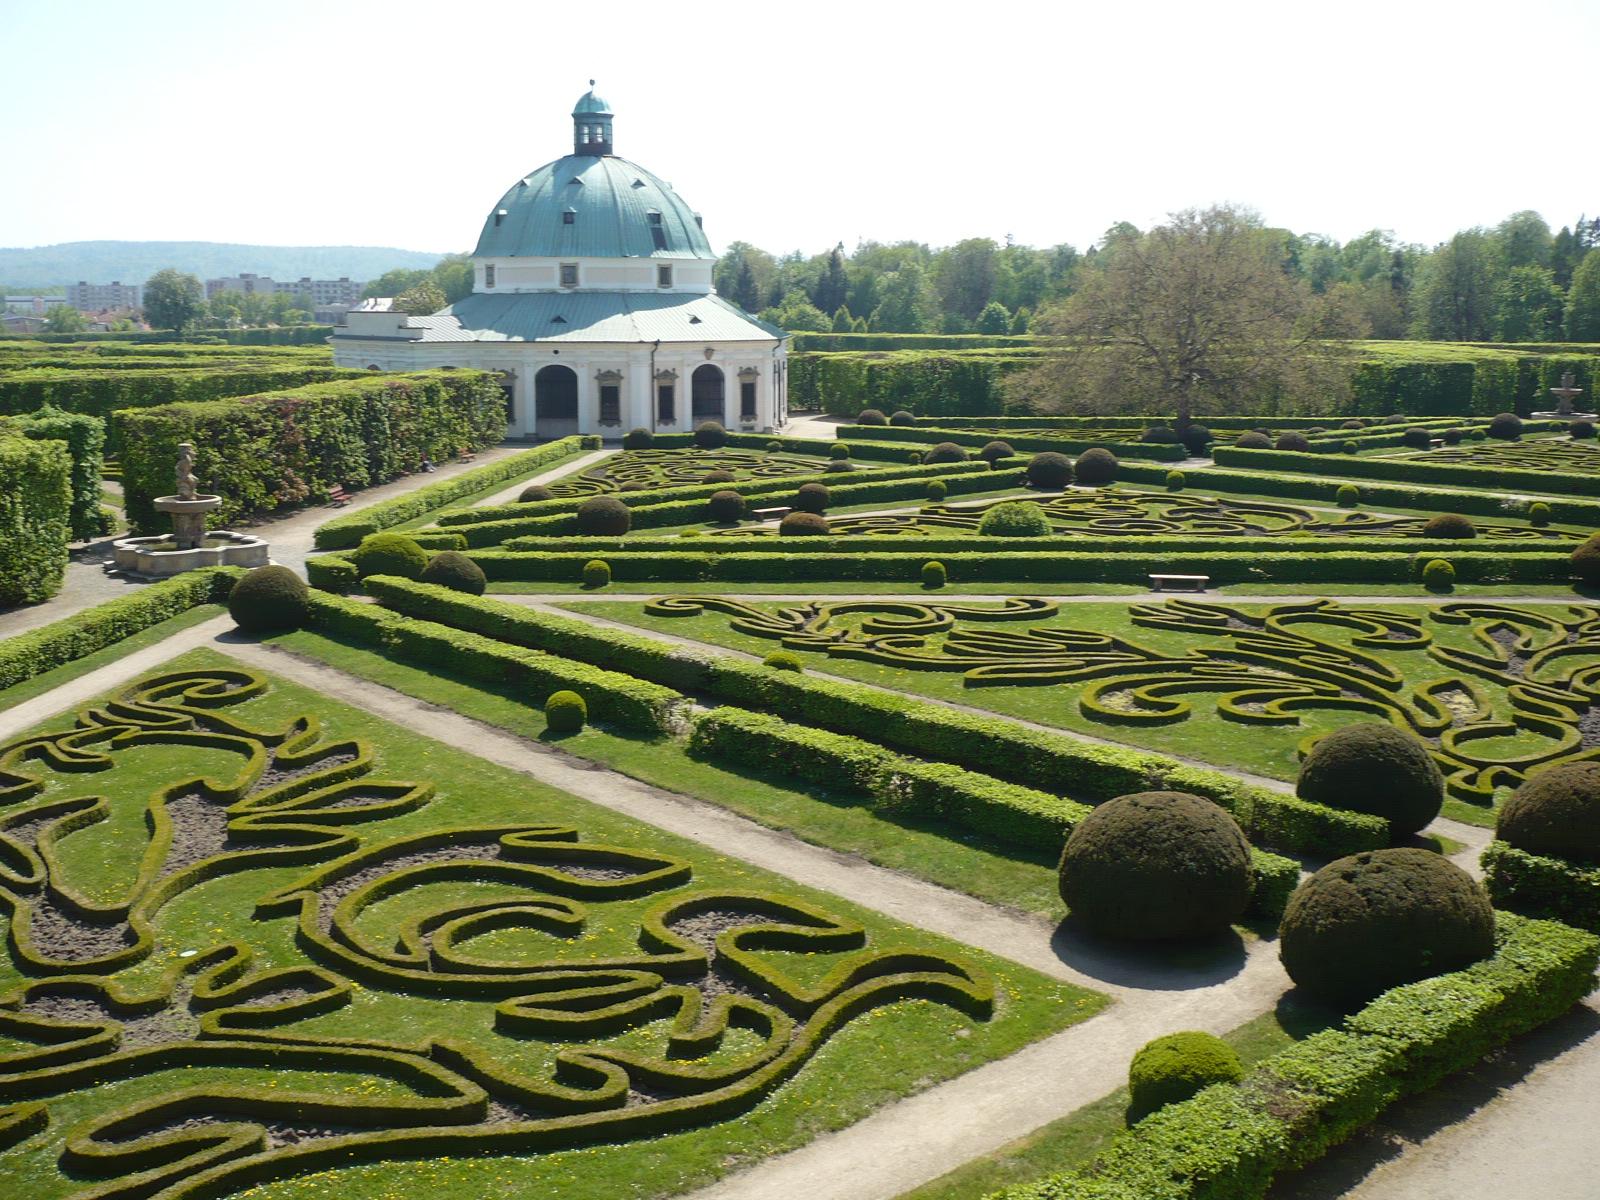 Blumengarten Bilder file kromeriz kvetna zahrada vyhled z promenady jpg wikimedia commons